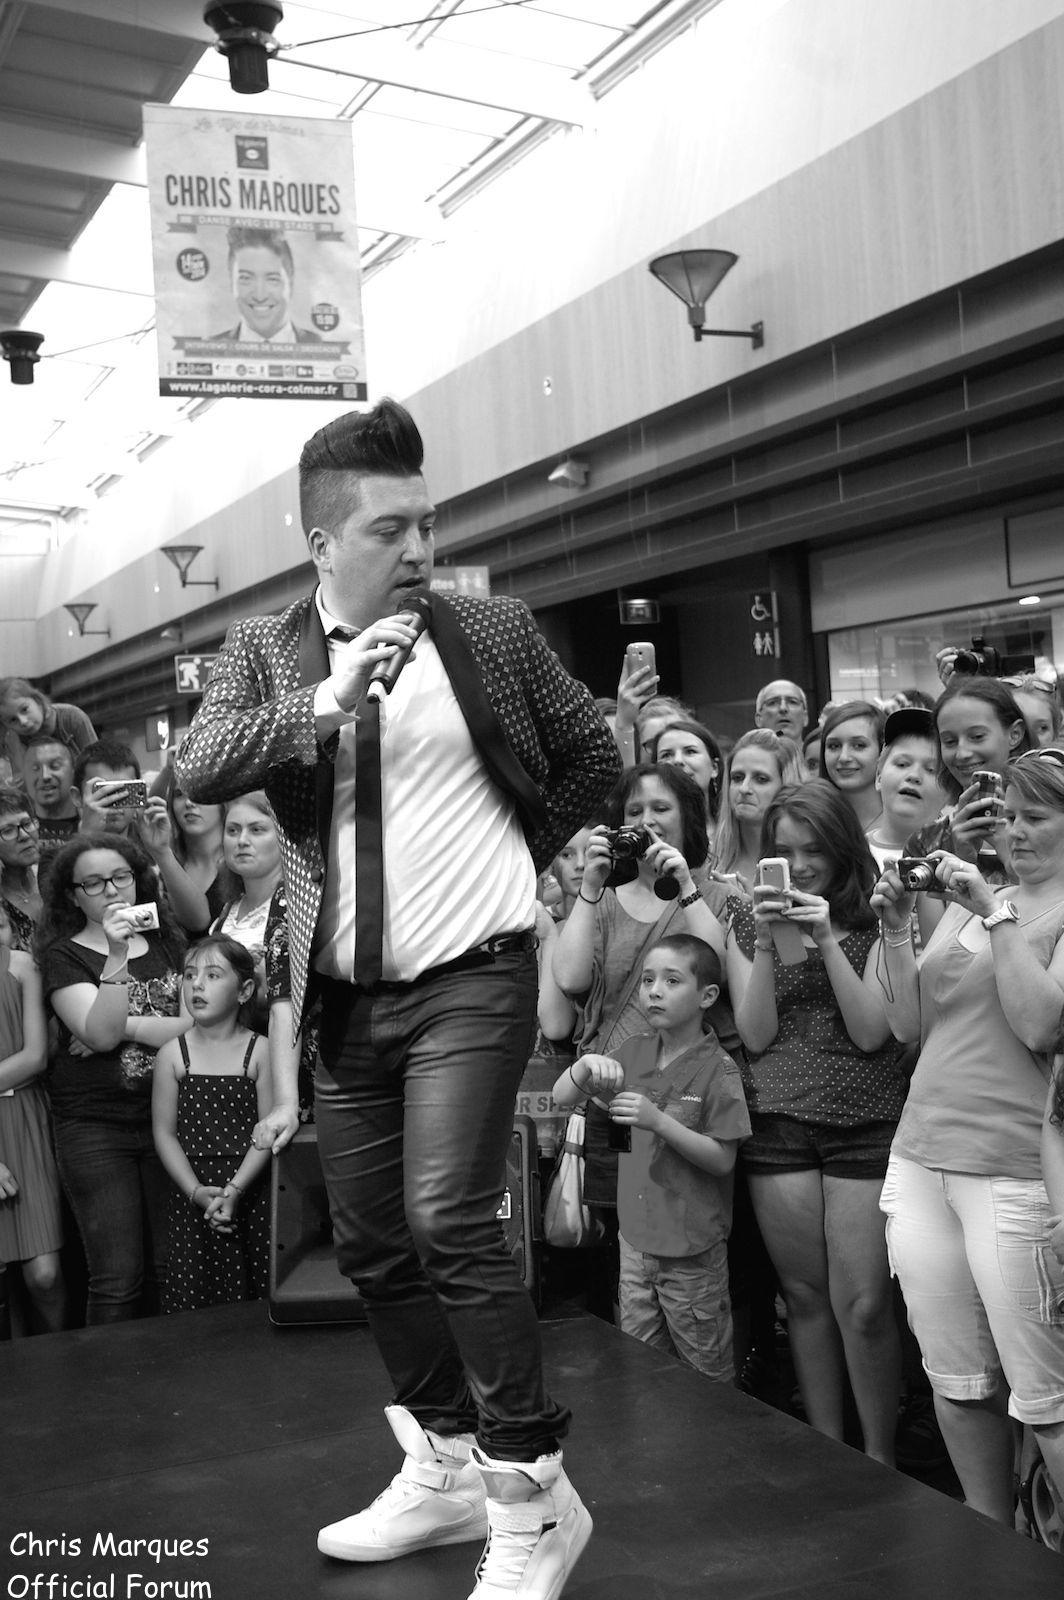 [14.06.2014] Evénement à #Colmar Chris Marques et Jaclyn Spencer pour un Flashmob/Cours de Danse/Dédicaces exceptionnels le tout organisé par la MJC de Colmar 9611